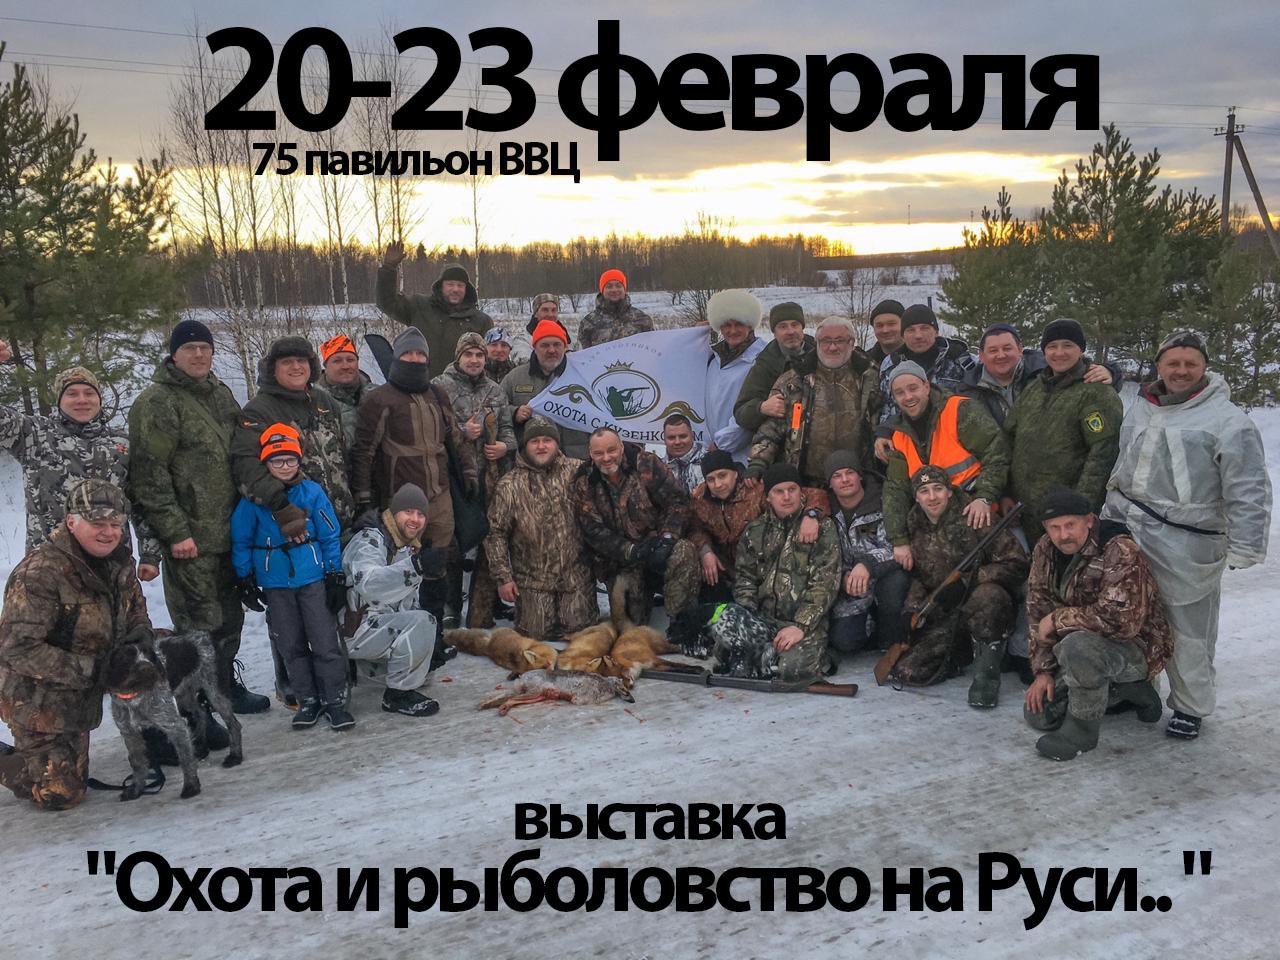 c 20 февраля по 23 февраля в 75 павильоне ВВЦ пройдёт выставка «Охота и рыболовство на Руси..»